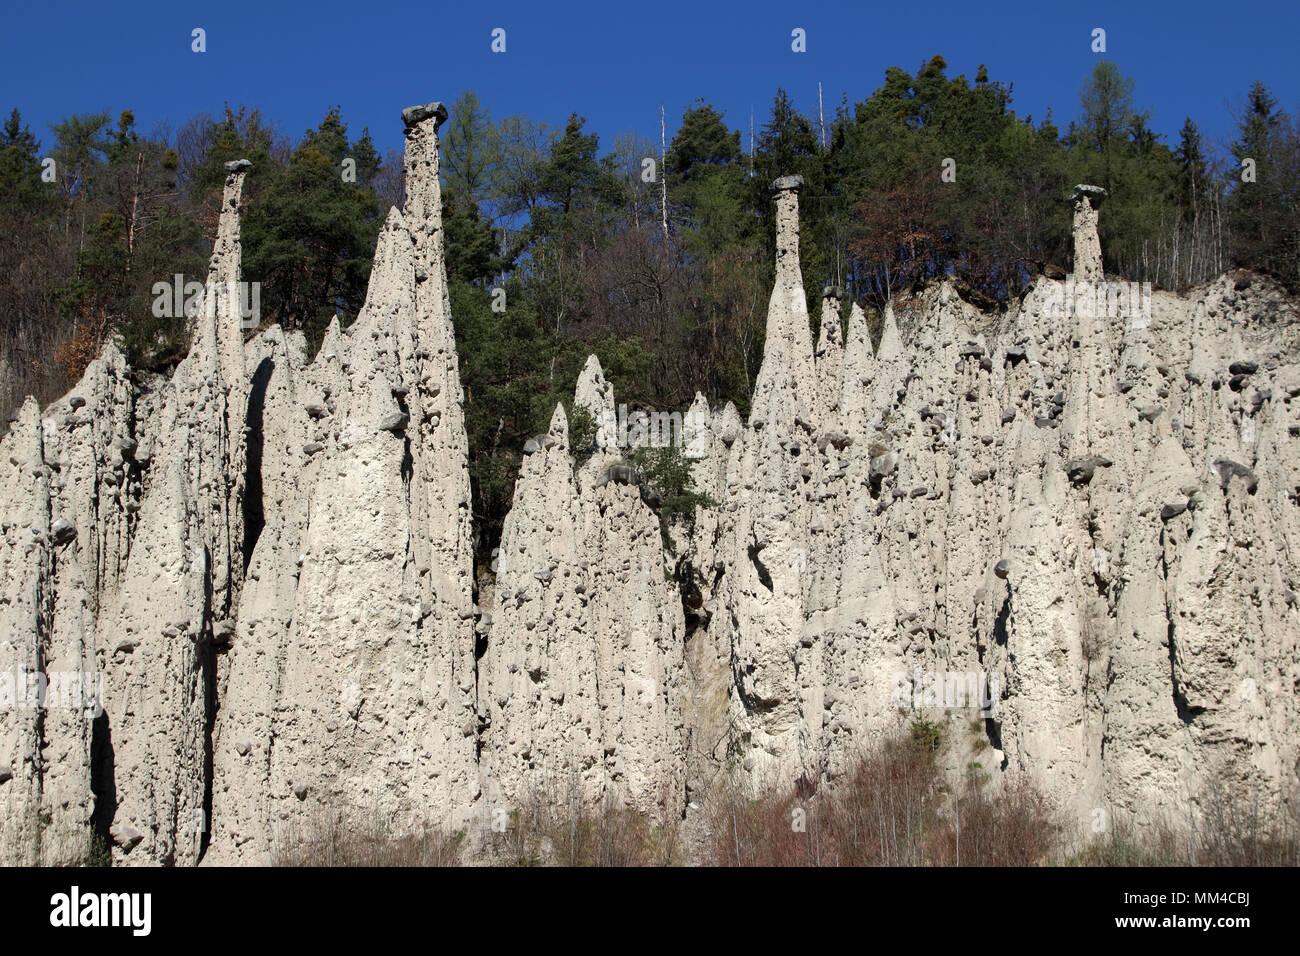 Pyramides de la terre Gasteinergraben Unterinn Ritten Tyrol du sud-Adige Italie Europe Banque D'Images